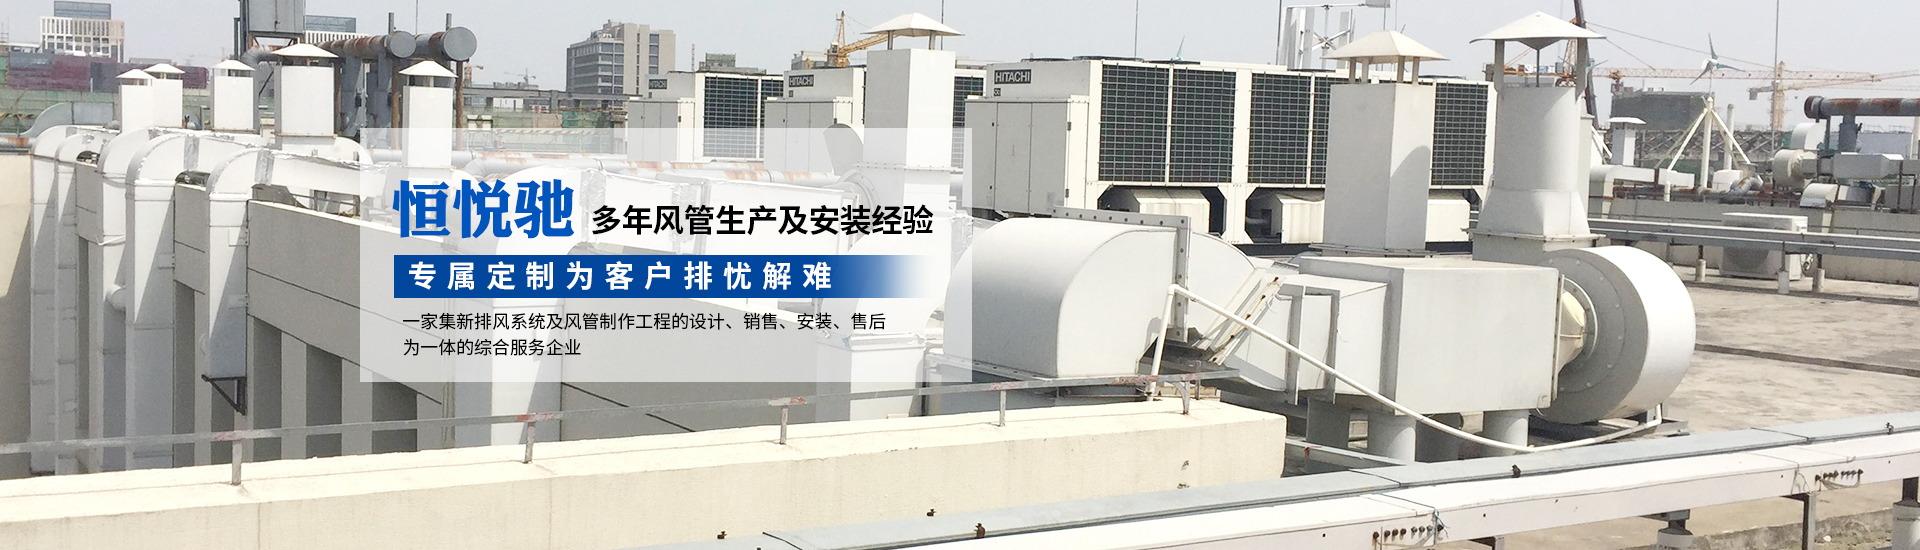 武汉角铁法兰风管